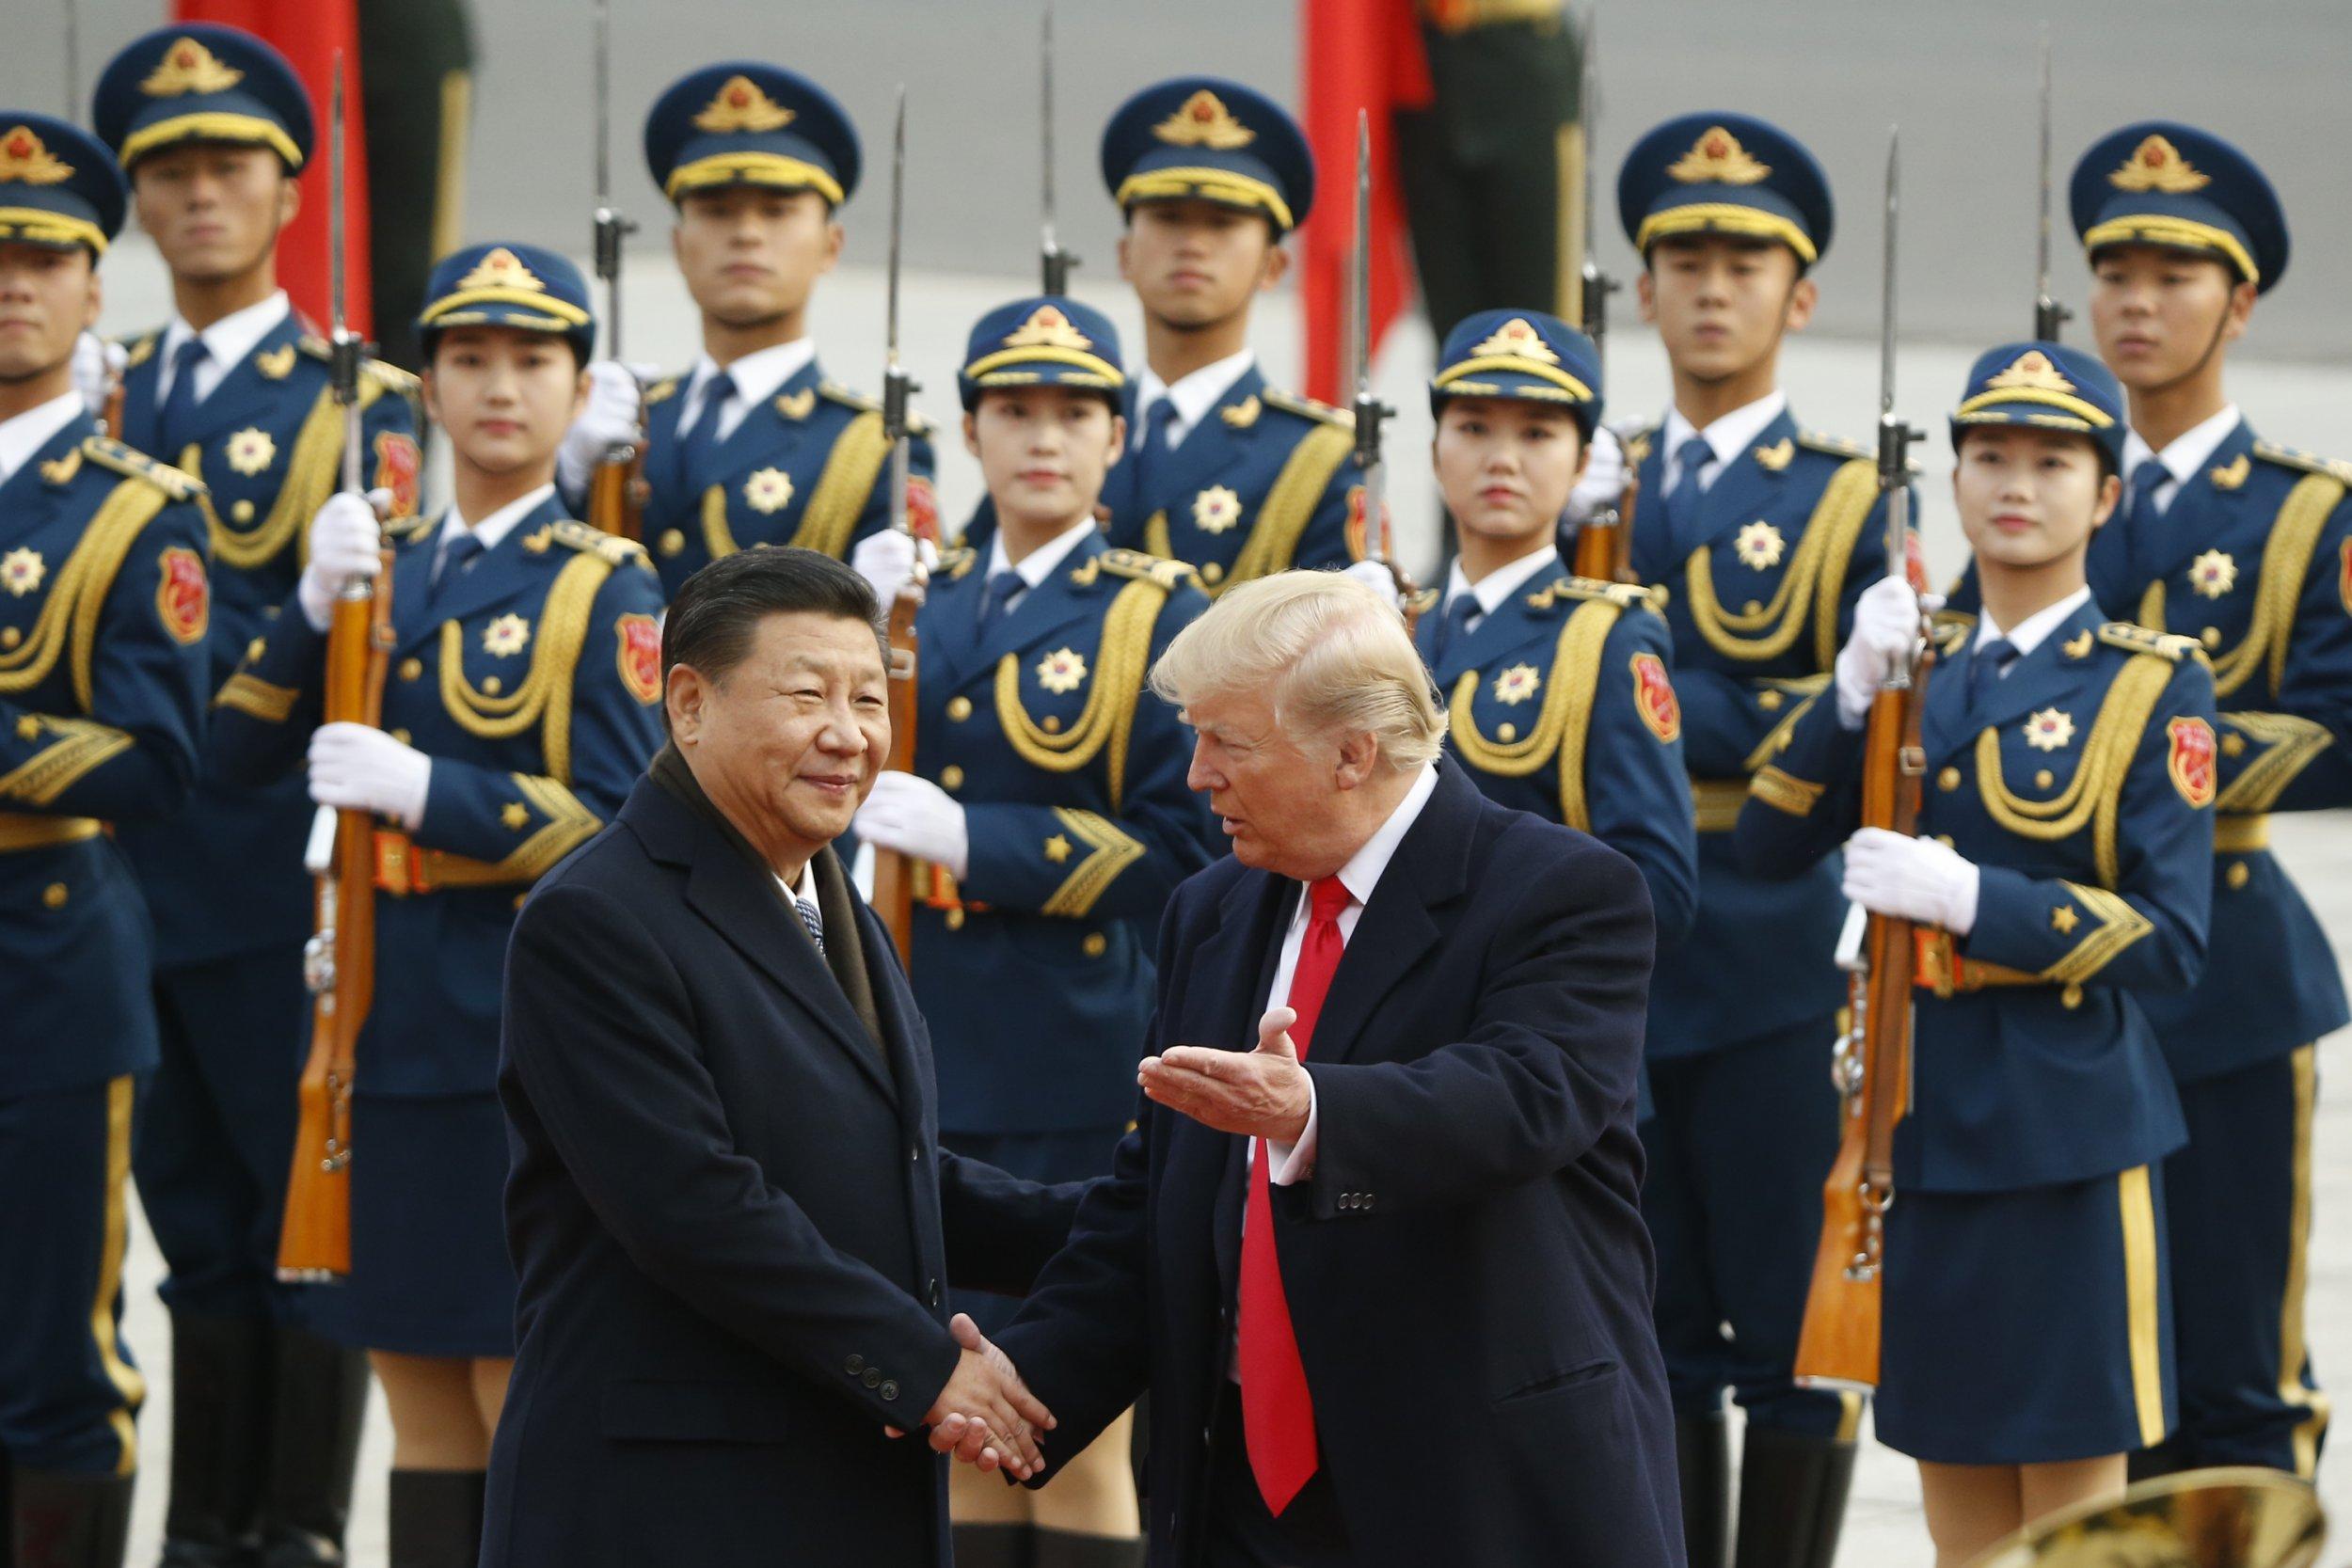 Donald Trump Xi Jinping China trade war